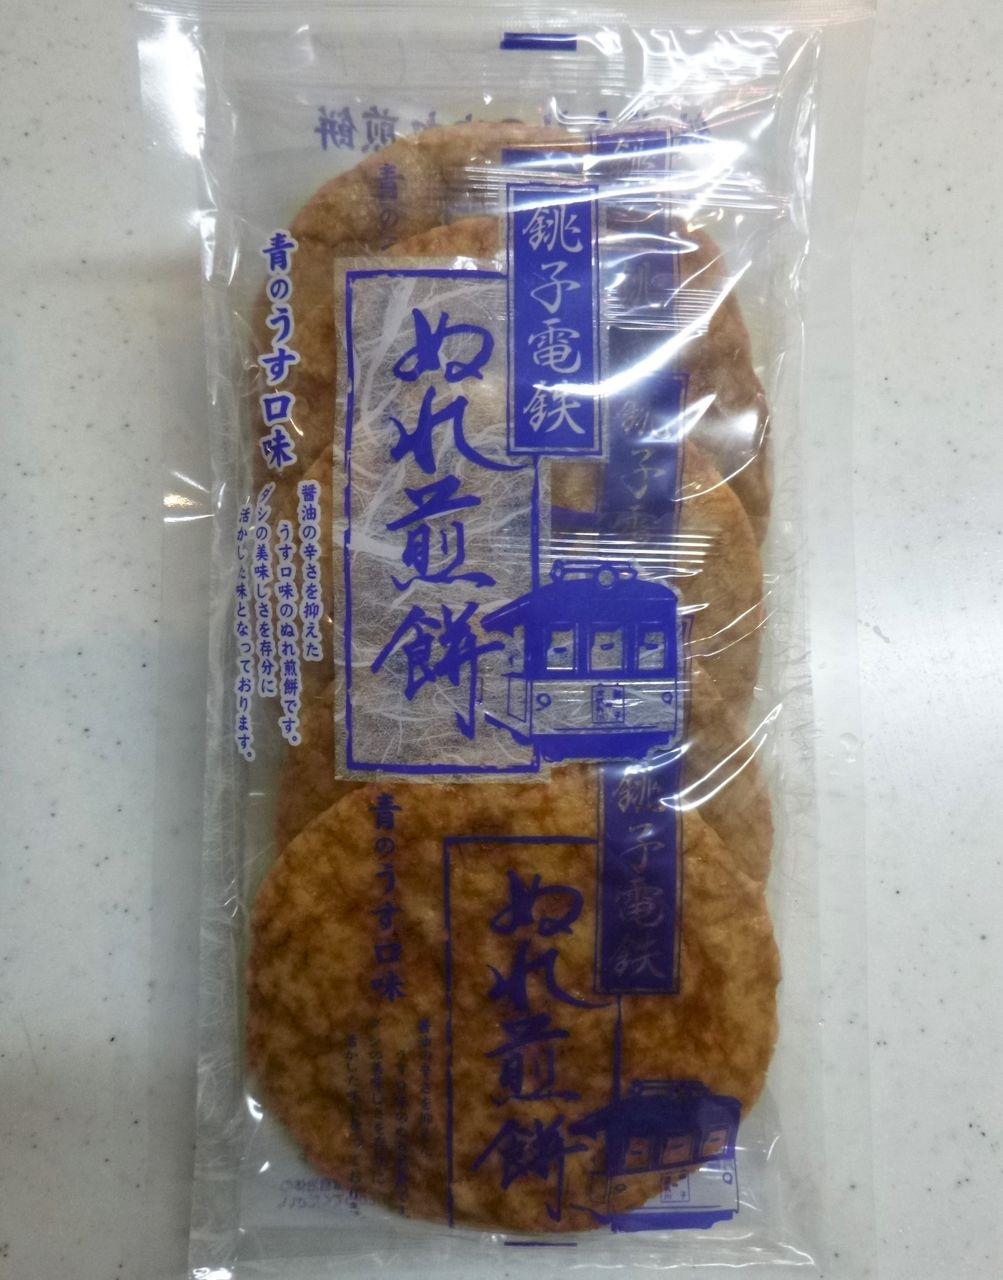 電鉄 ぬれ 煎餅 銚子